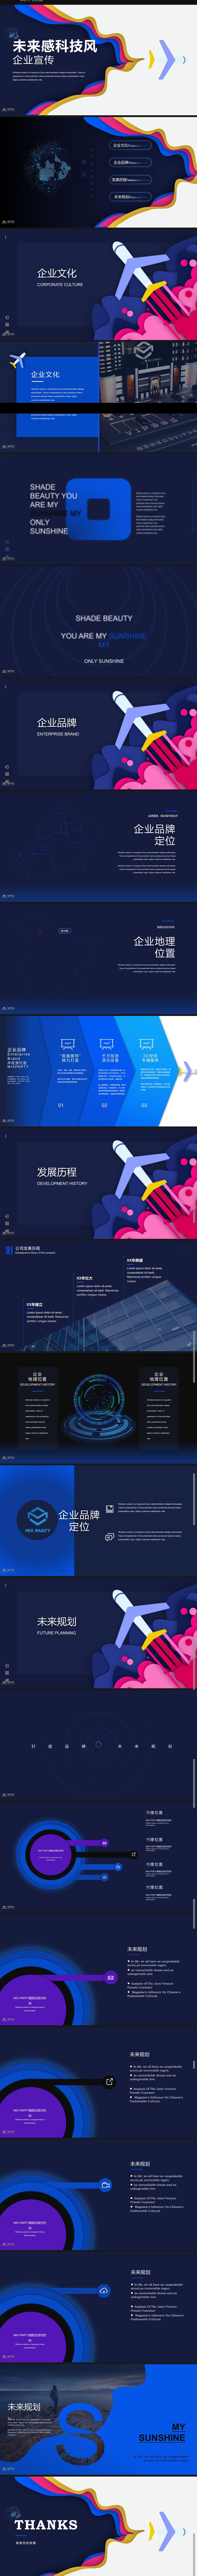 深蓝艺术科技商务风企业宣传PPT模板